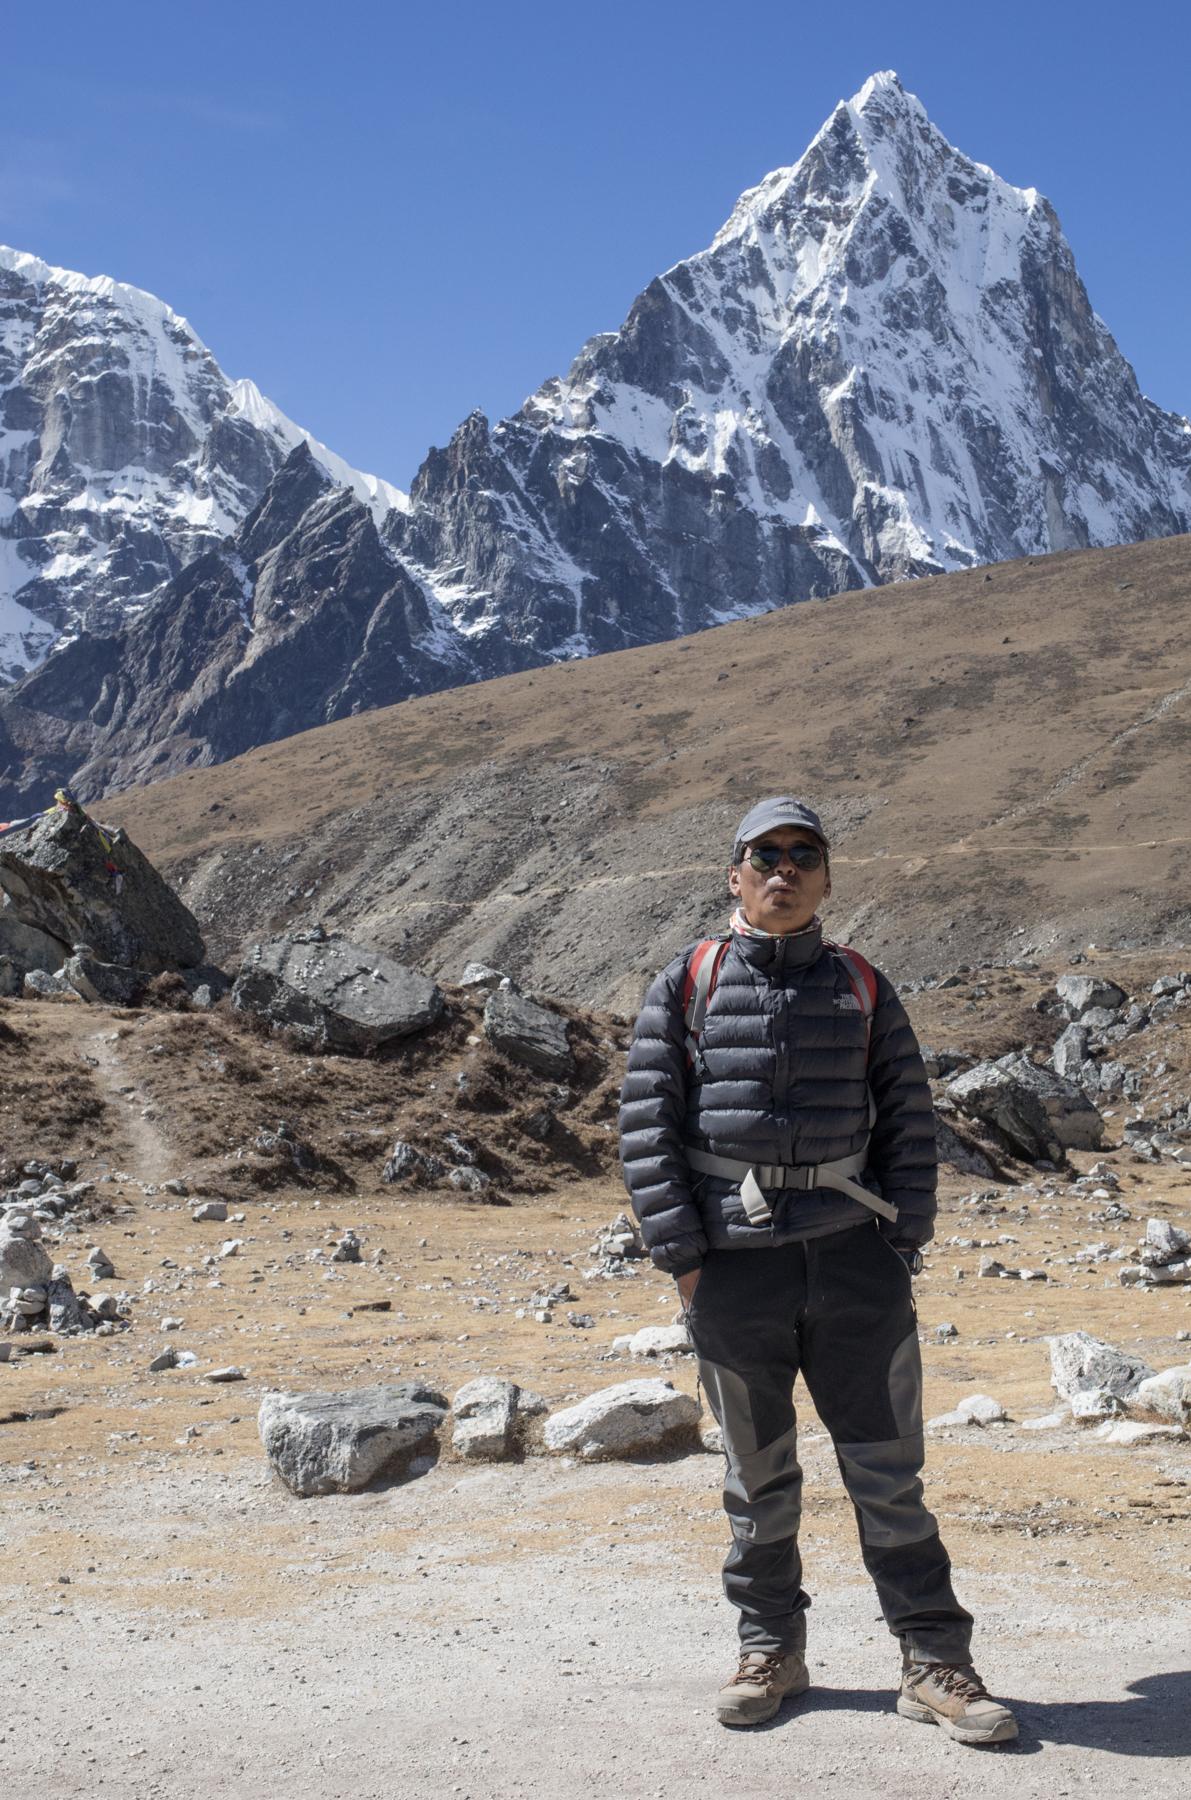 Lakpa Sherpa